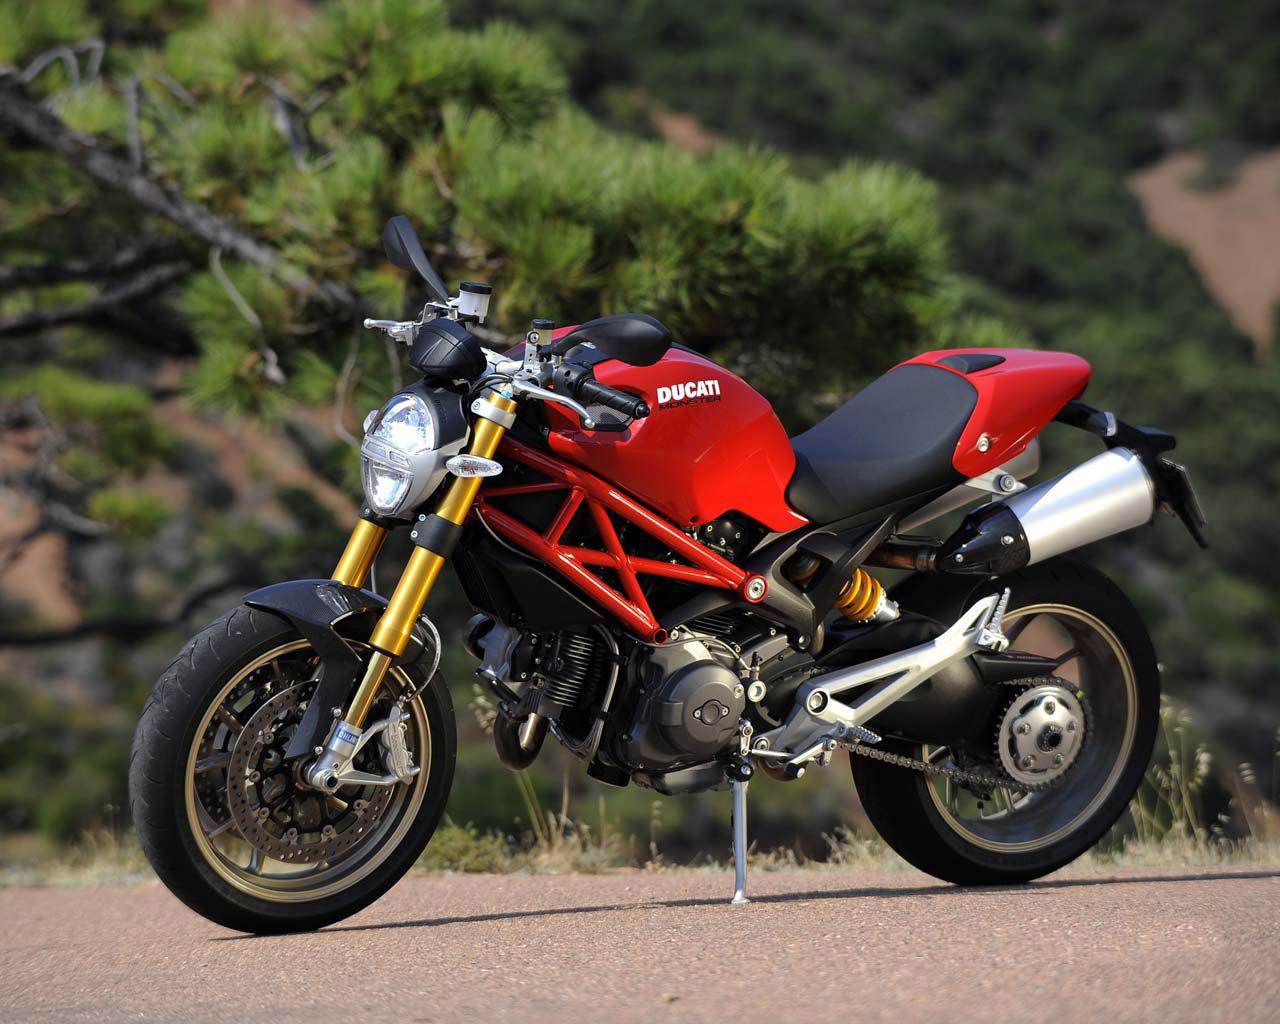 http://2.bp.blogspot.com/_plM5N9McNUk/TQBxJaiXrfI/AAAAAAAAAJg/ySn8RIz_T7E/s1600/Ducati+Monster1.jpg